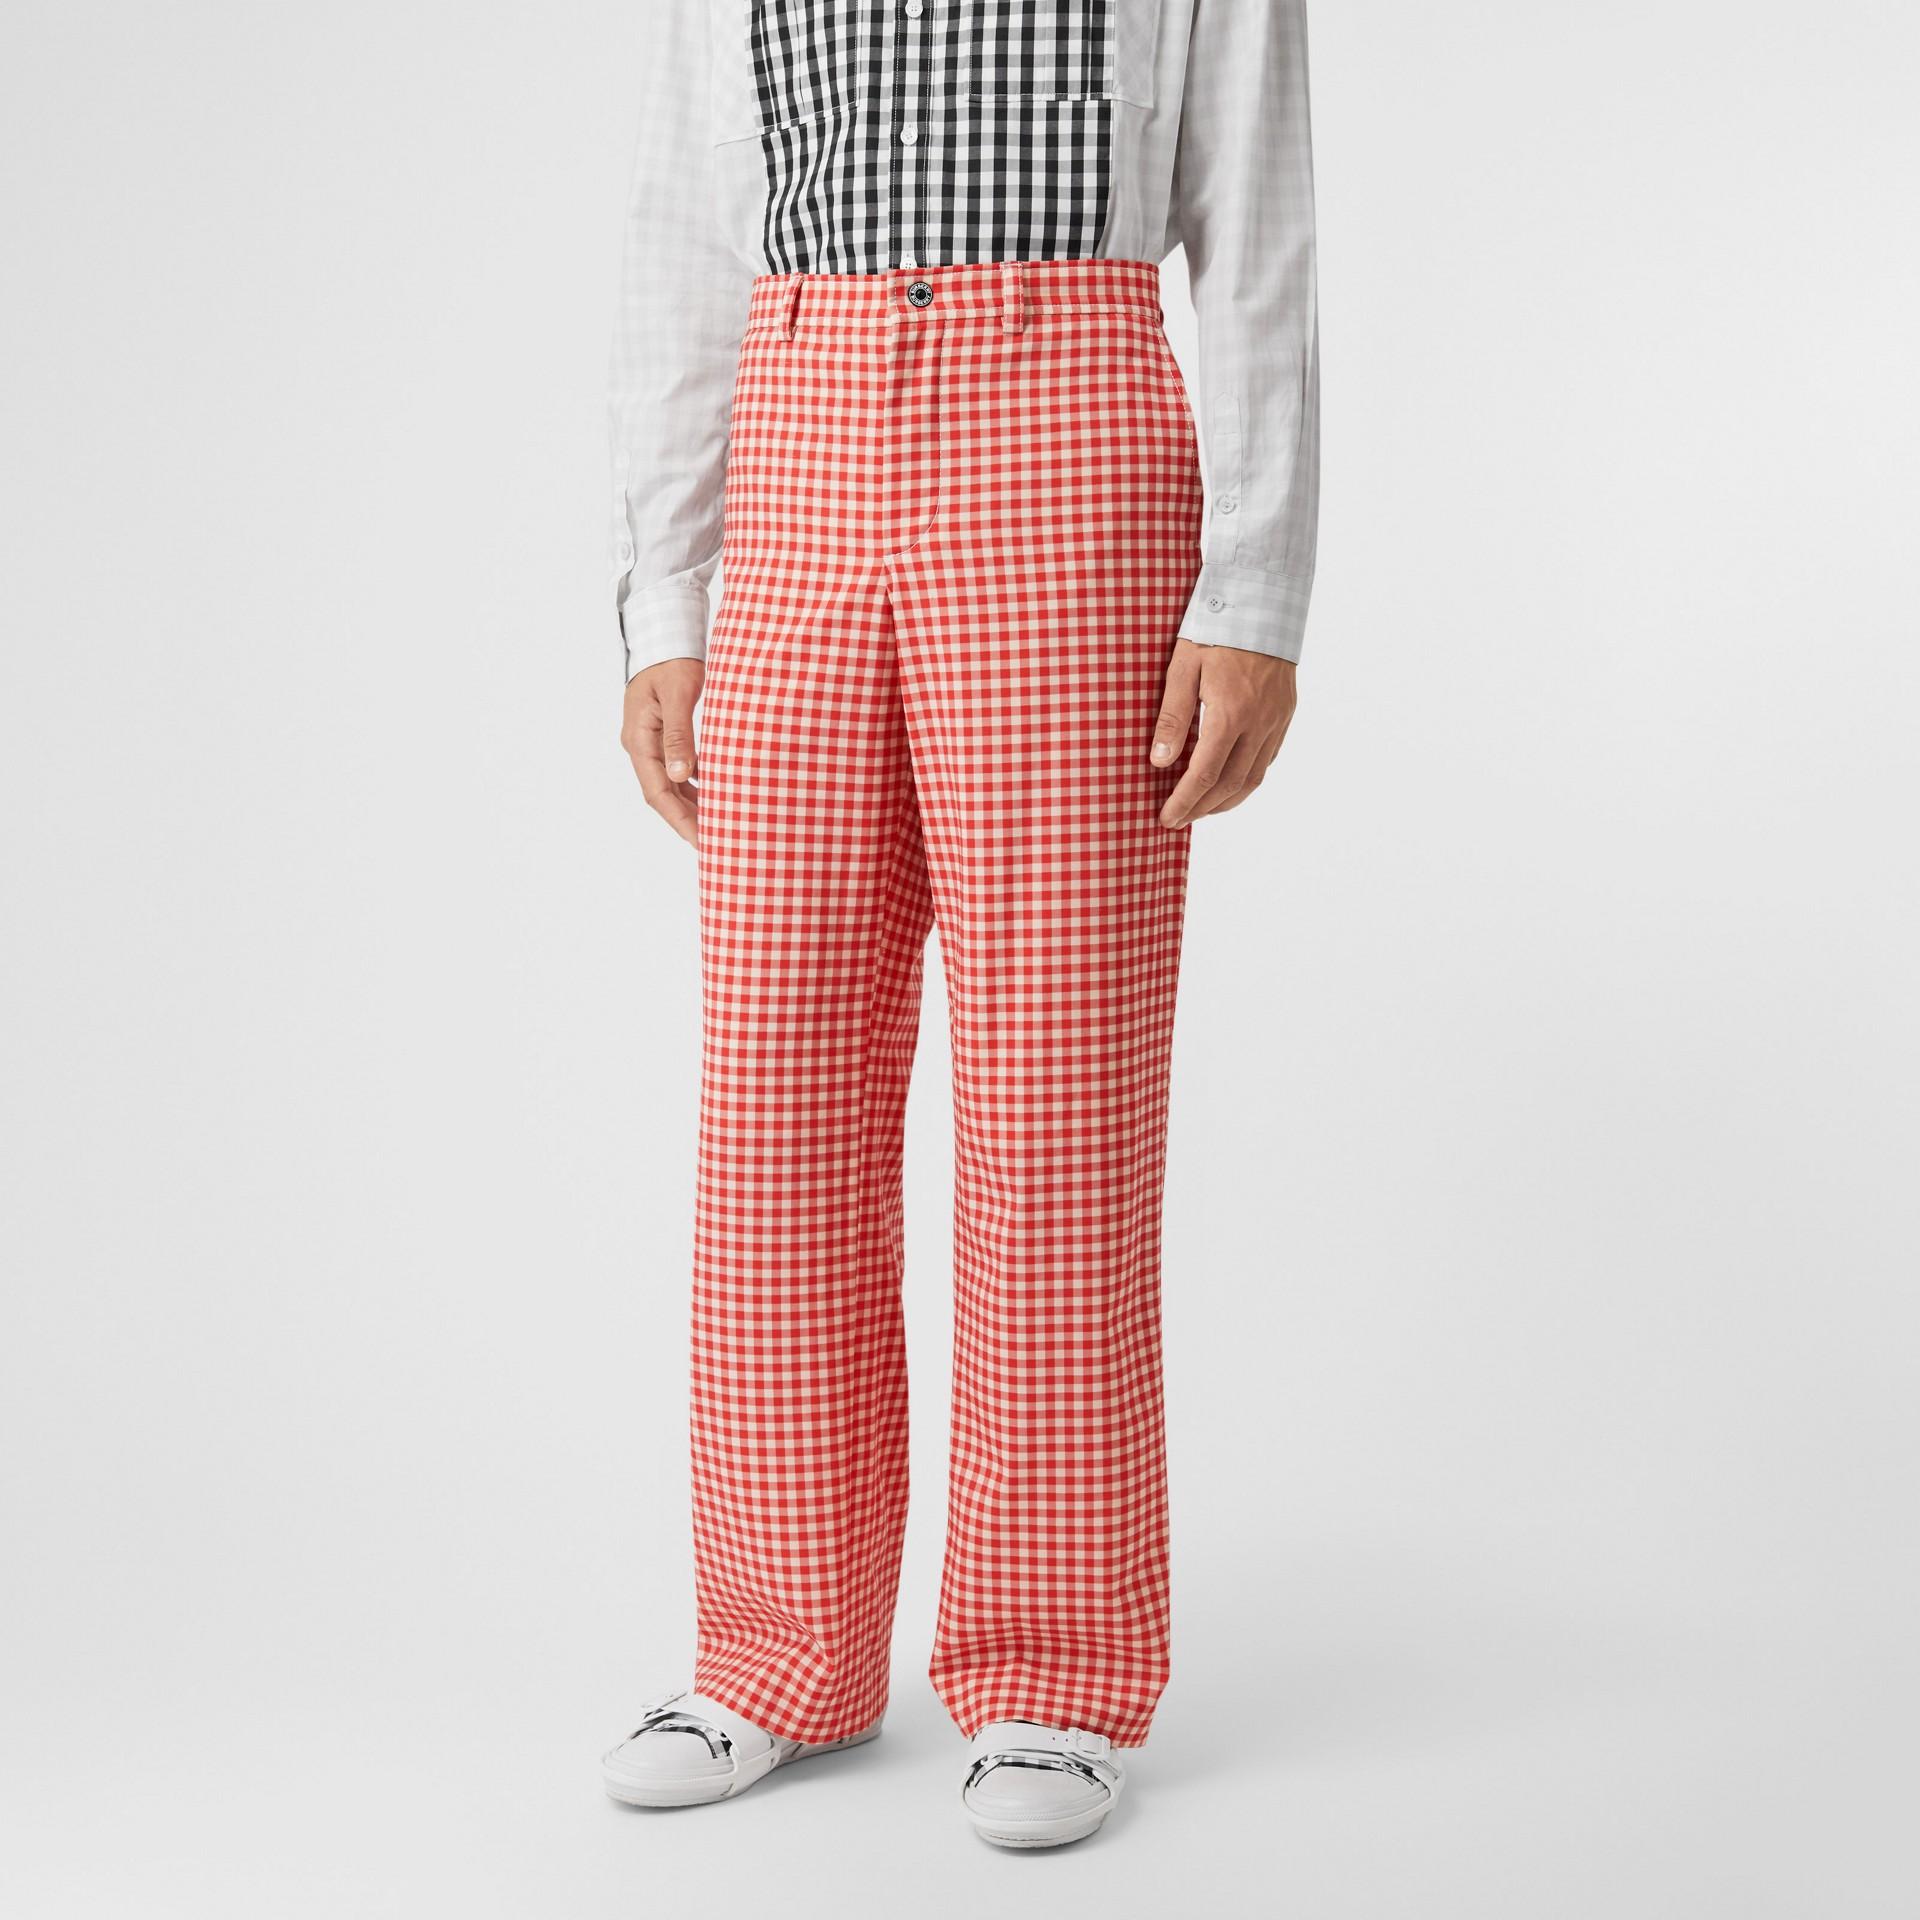 Calças de algodão stretch com estampa xadrez Gingham e recorte traseiro vazado (Vermelho) | Burberry - galeria de imagens 5